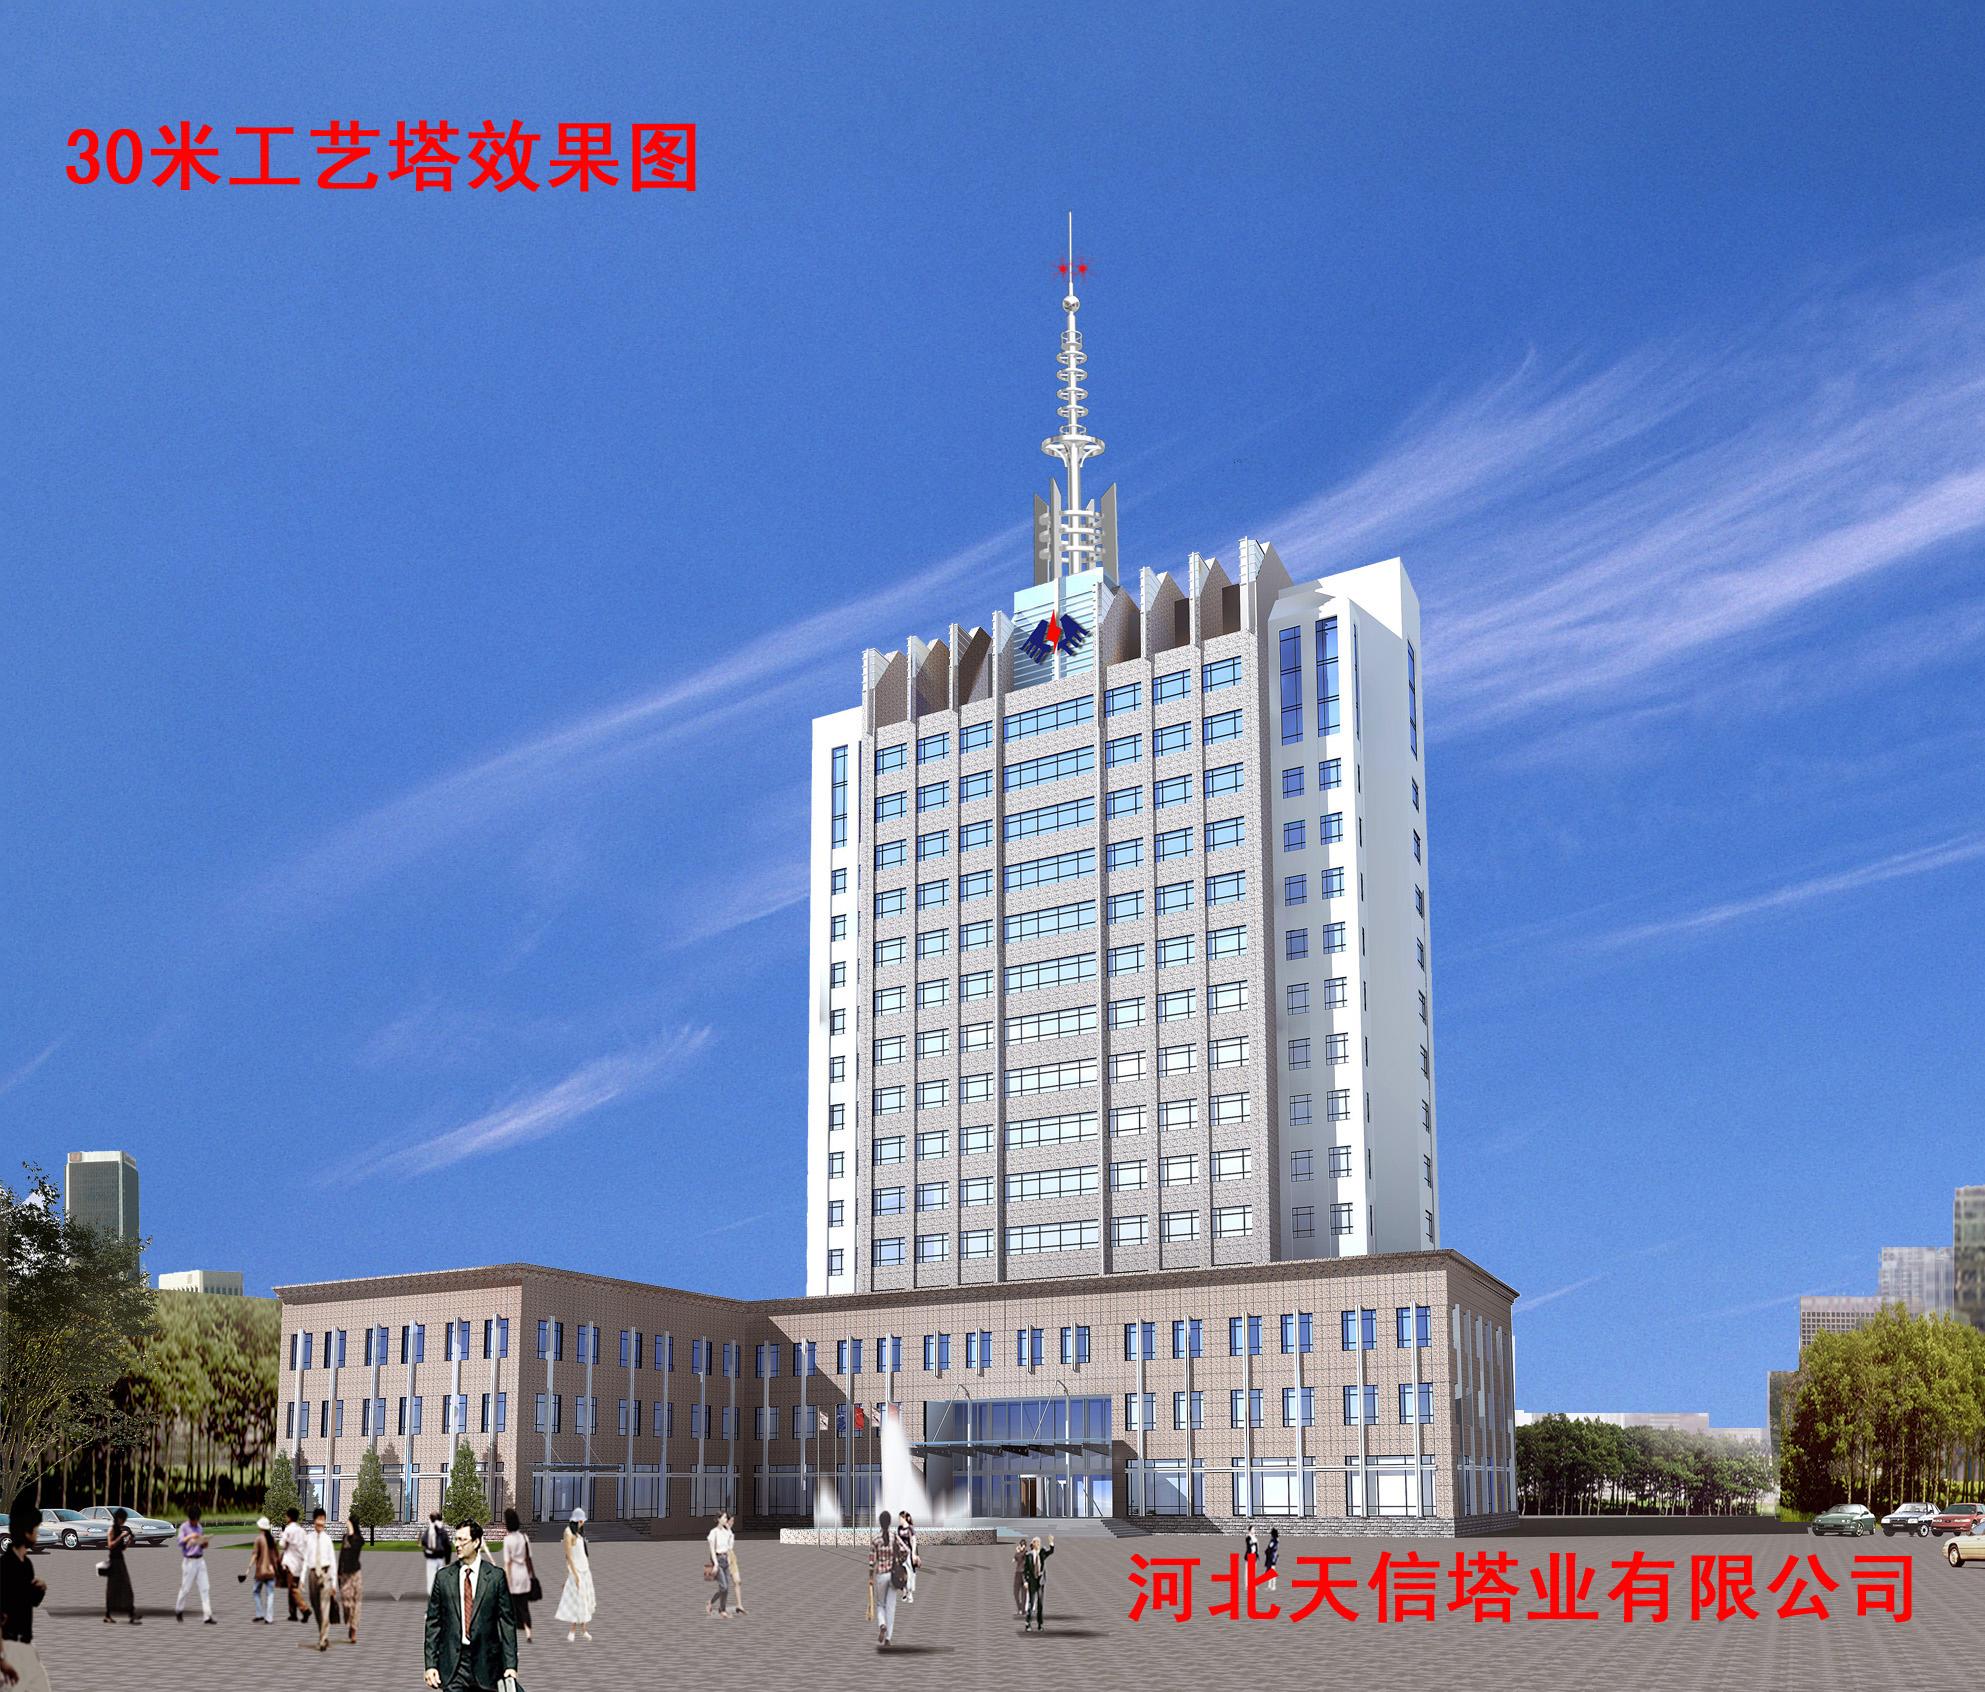 30米楼顶装饰避雷塔